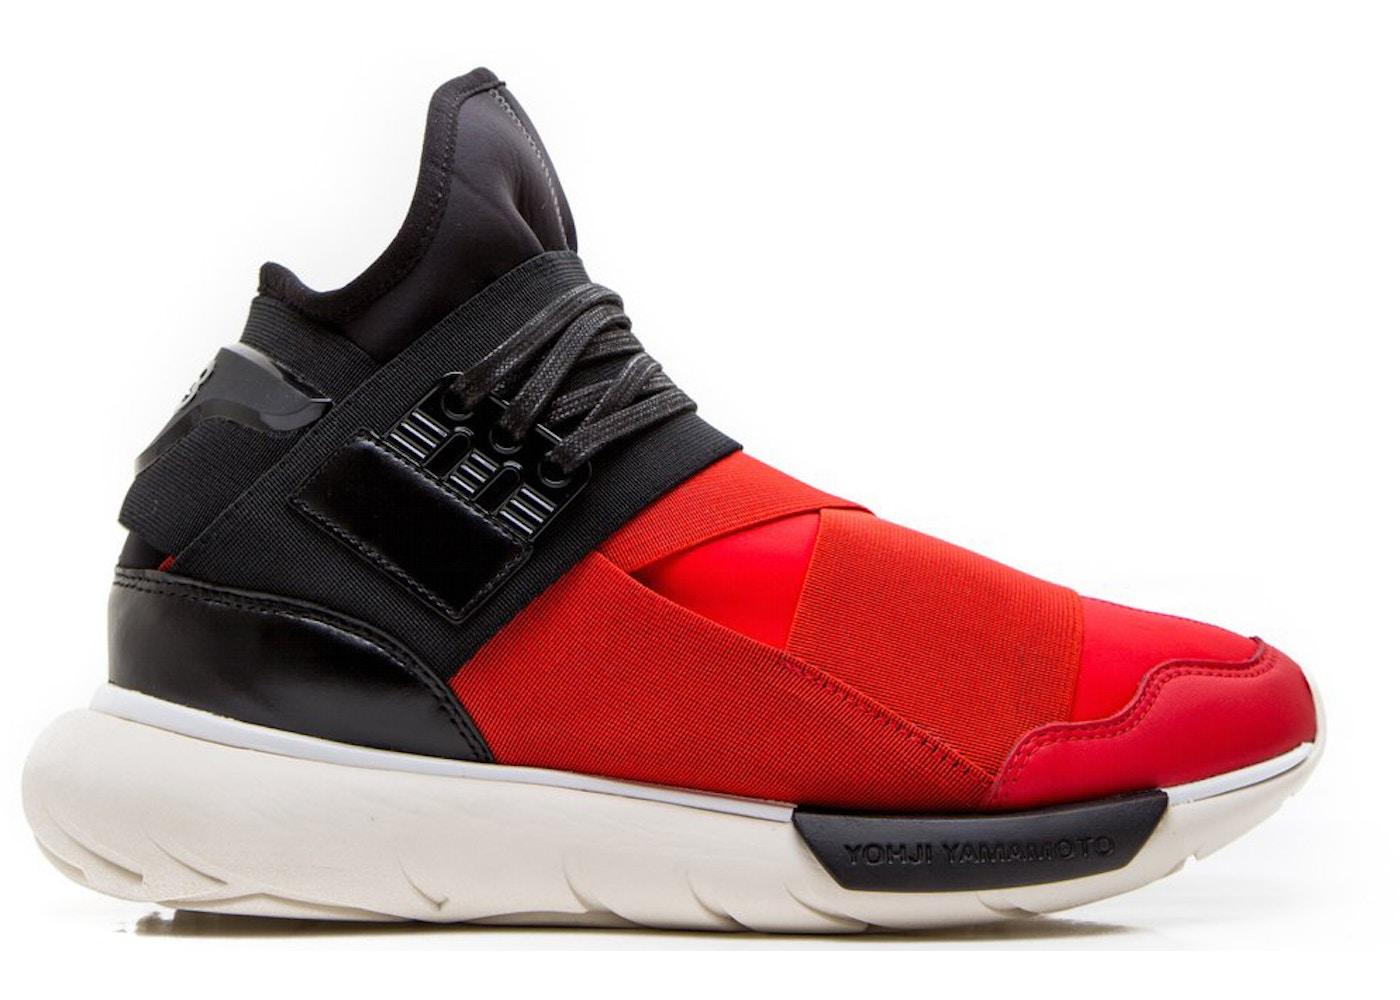 31448838f57cc adidas Y3 Qasa High Red Black - S83174